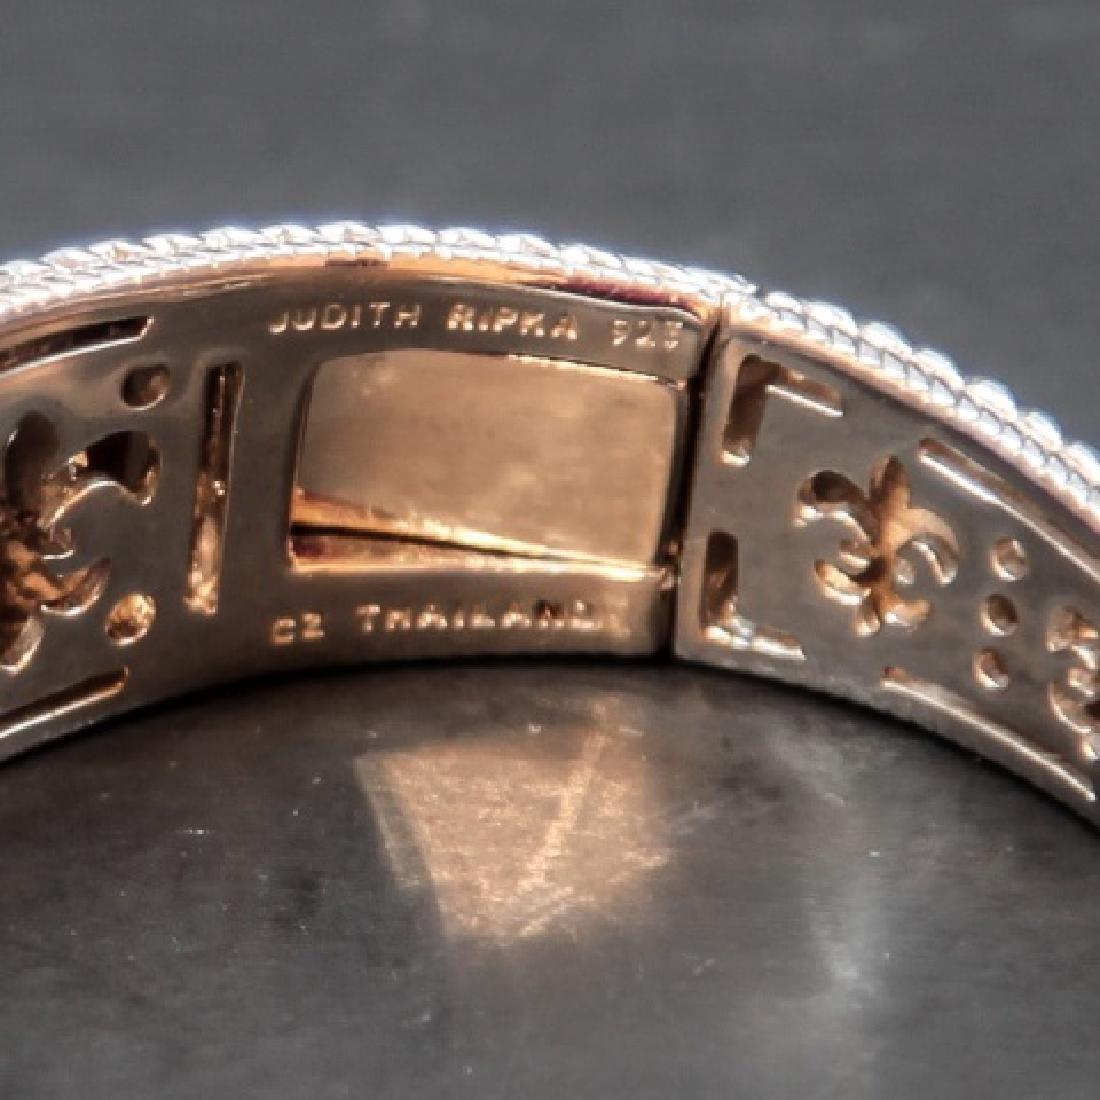 Judith Ripka Sterling Silver Cuff Bracelet in Box - 2